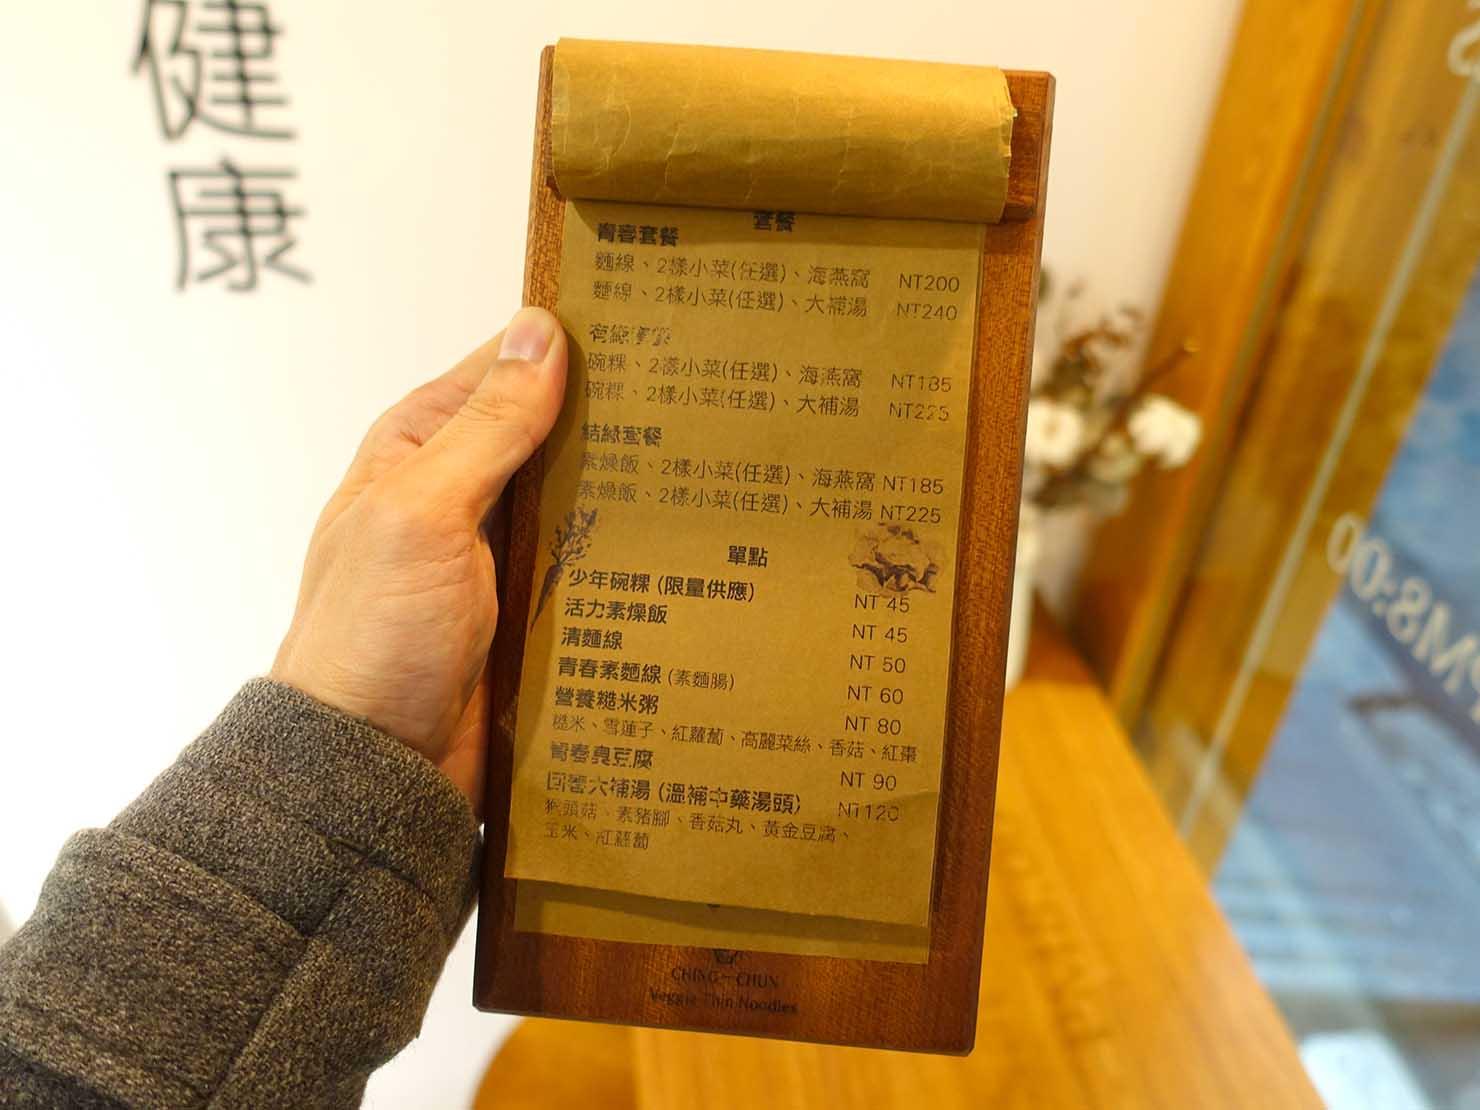 台北・忠孝敦化駅(東區)のおすすめグルメ店「青春素麵線」のメニュー